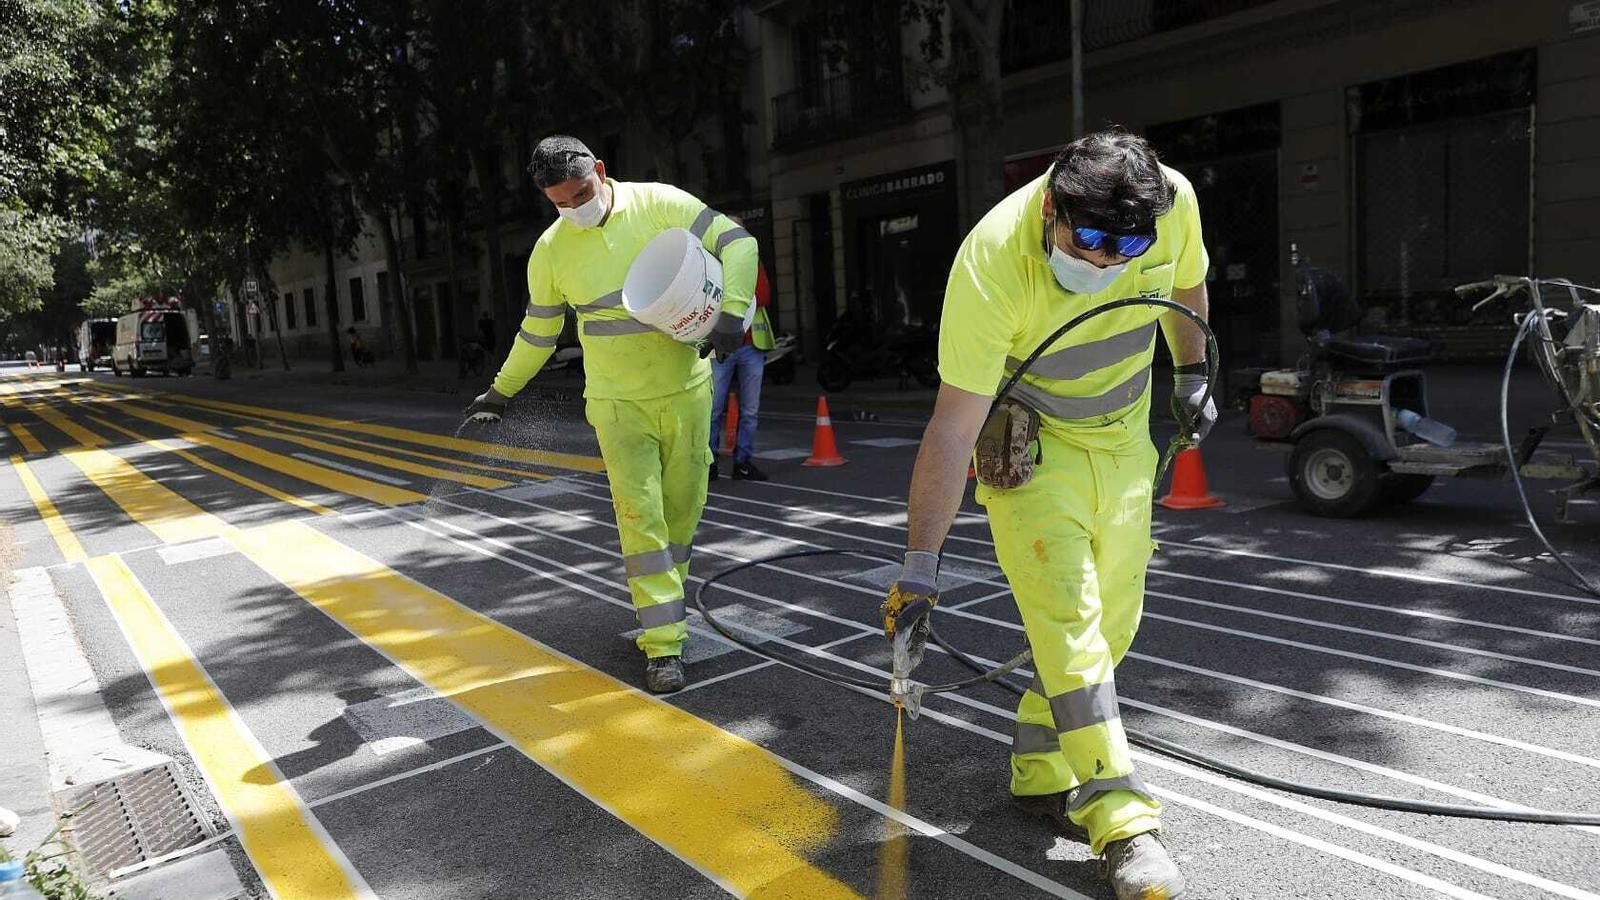 La pacificació exprés a Barcelona: ¿audàcia o nyap?